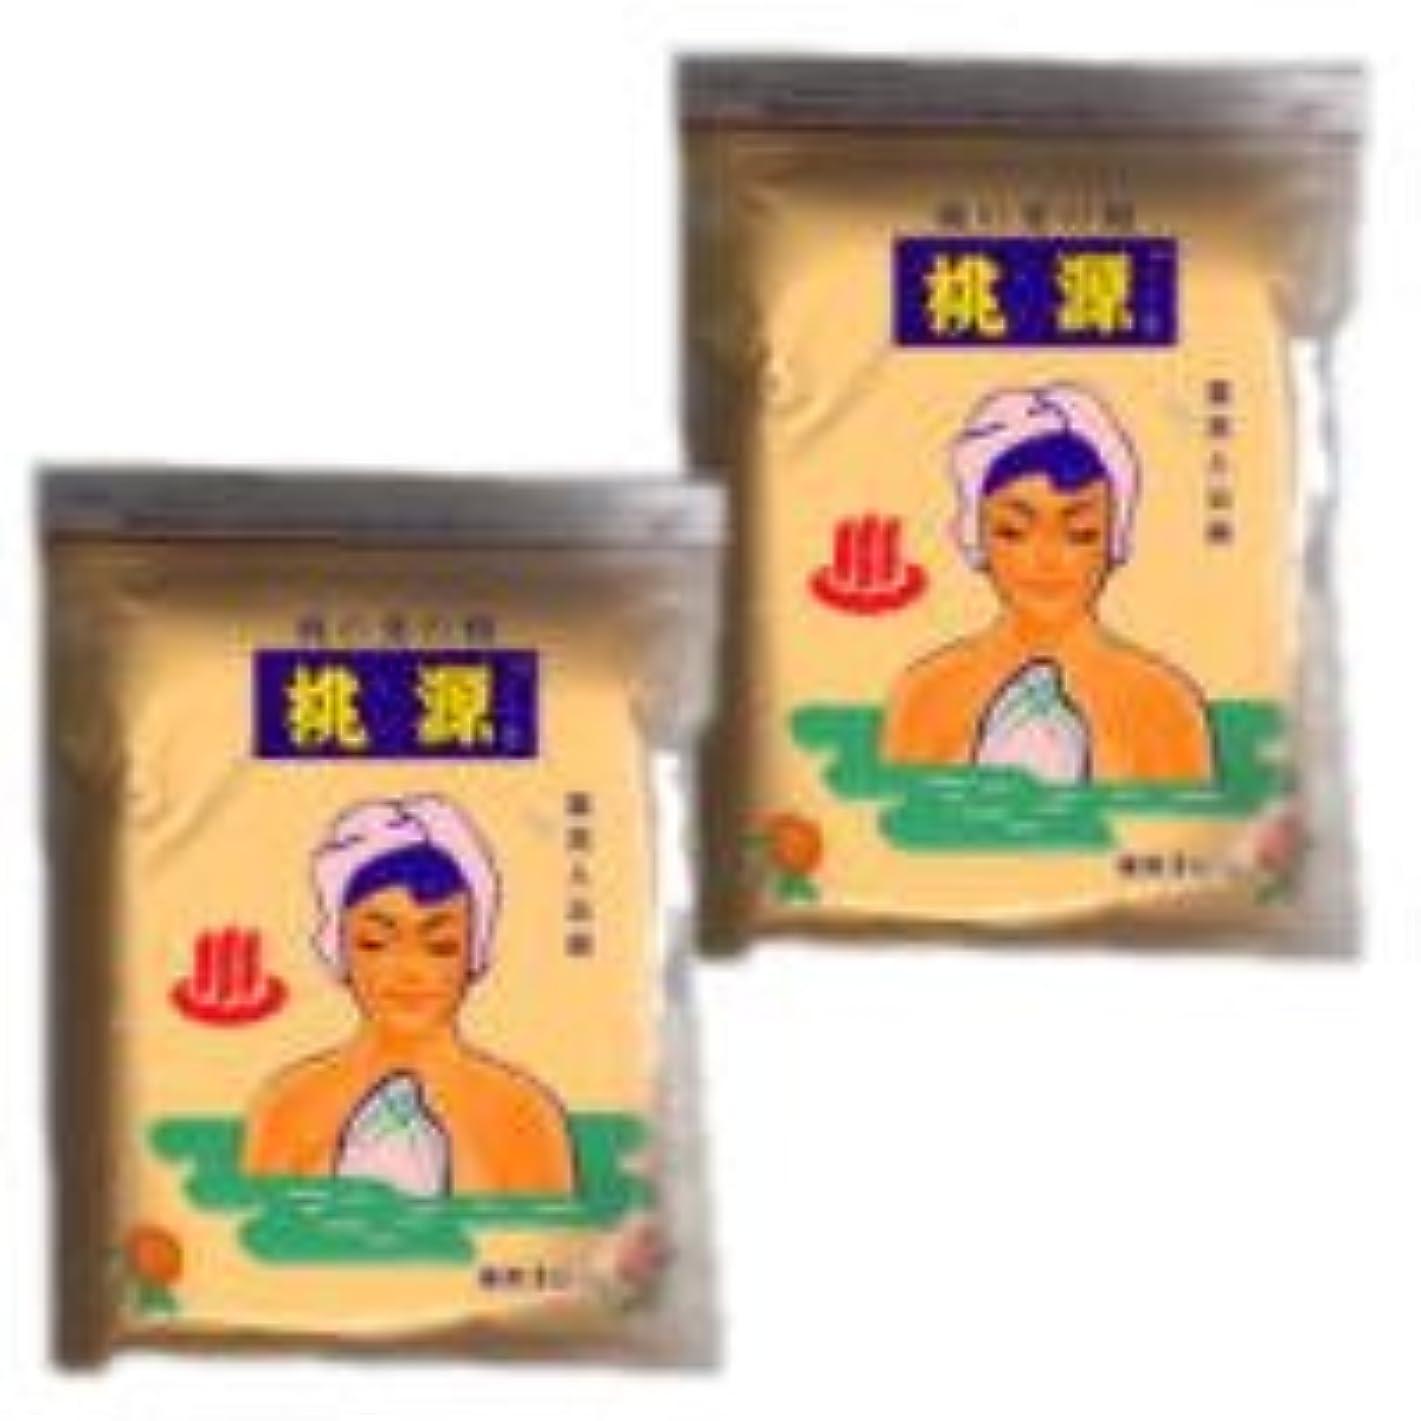 報酬怪物ボーカル桃源(とうげん)s 桃の葉の精 1000g 袋入り 2個